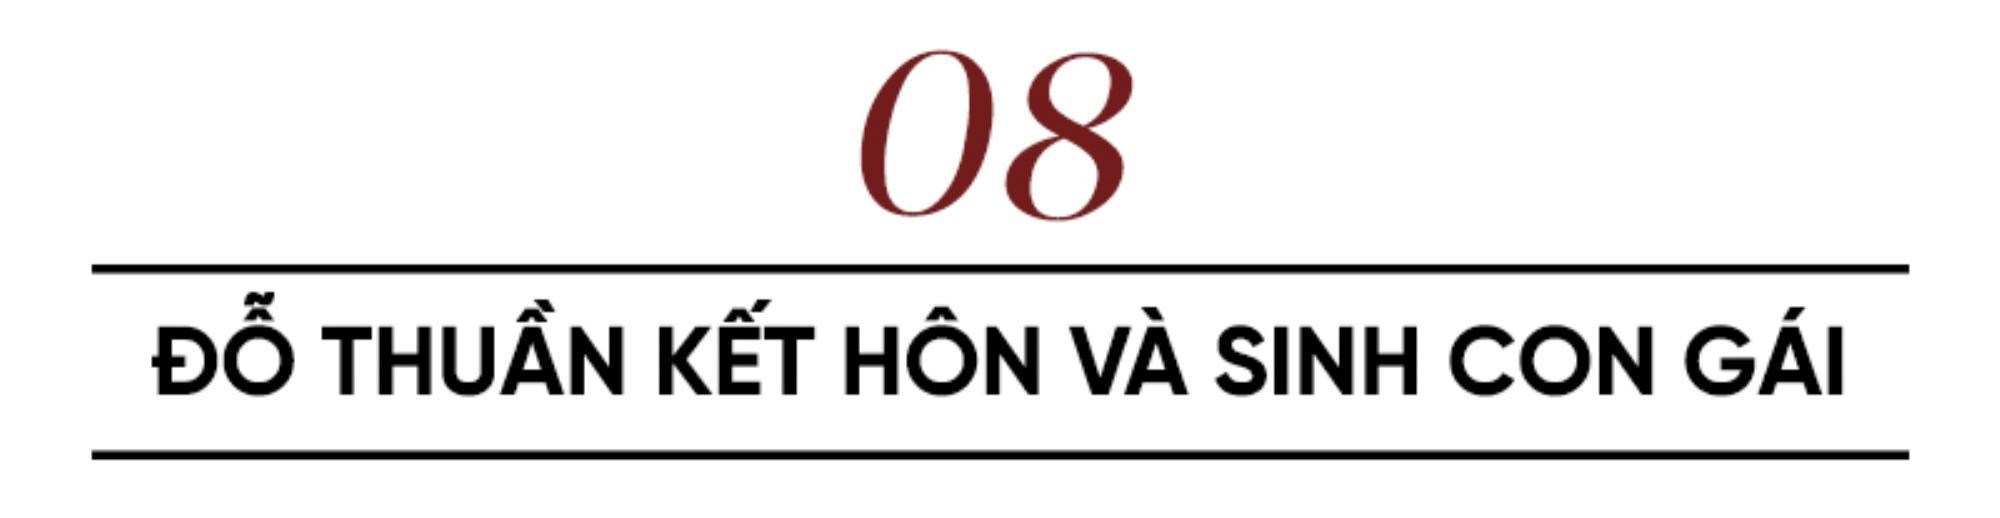 10 sự kiện gây chấn động showbiz Hoa Ngữ nửa đầu năm 2021: Chẳng có gì bất ngờ bằng scandal Trịnh Sảng Ảnh 15